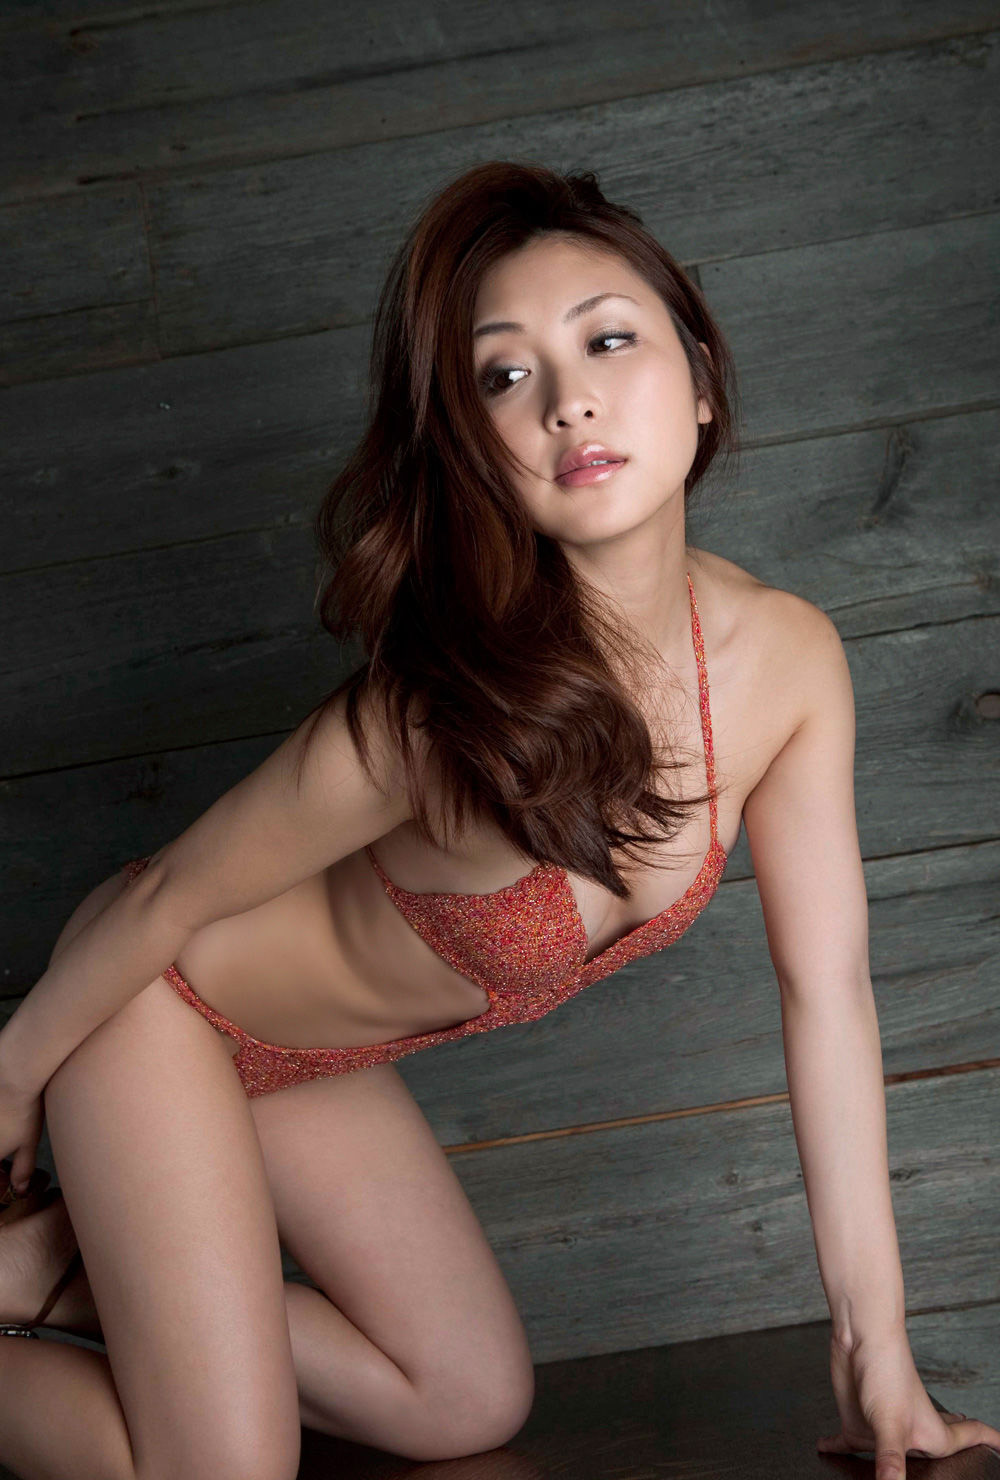 辰巳奈都子 画像 掲示板 67